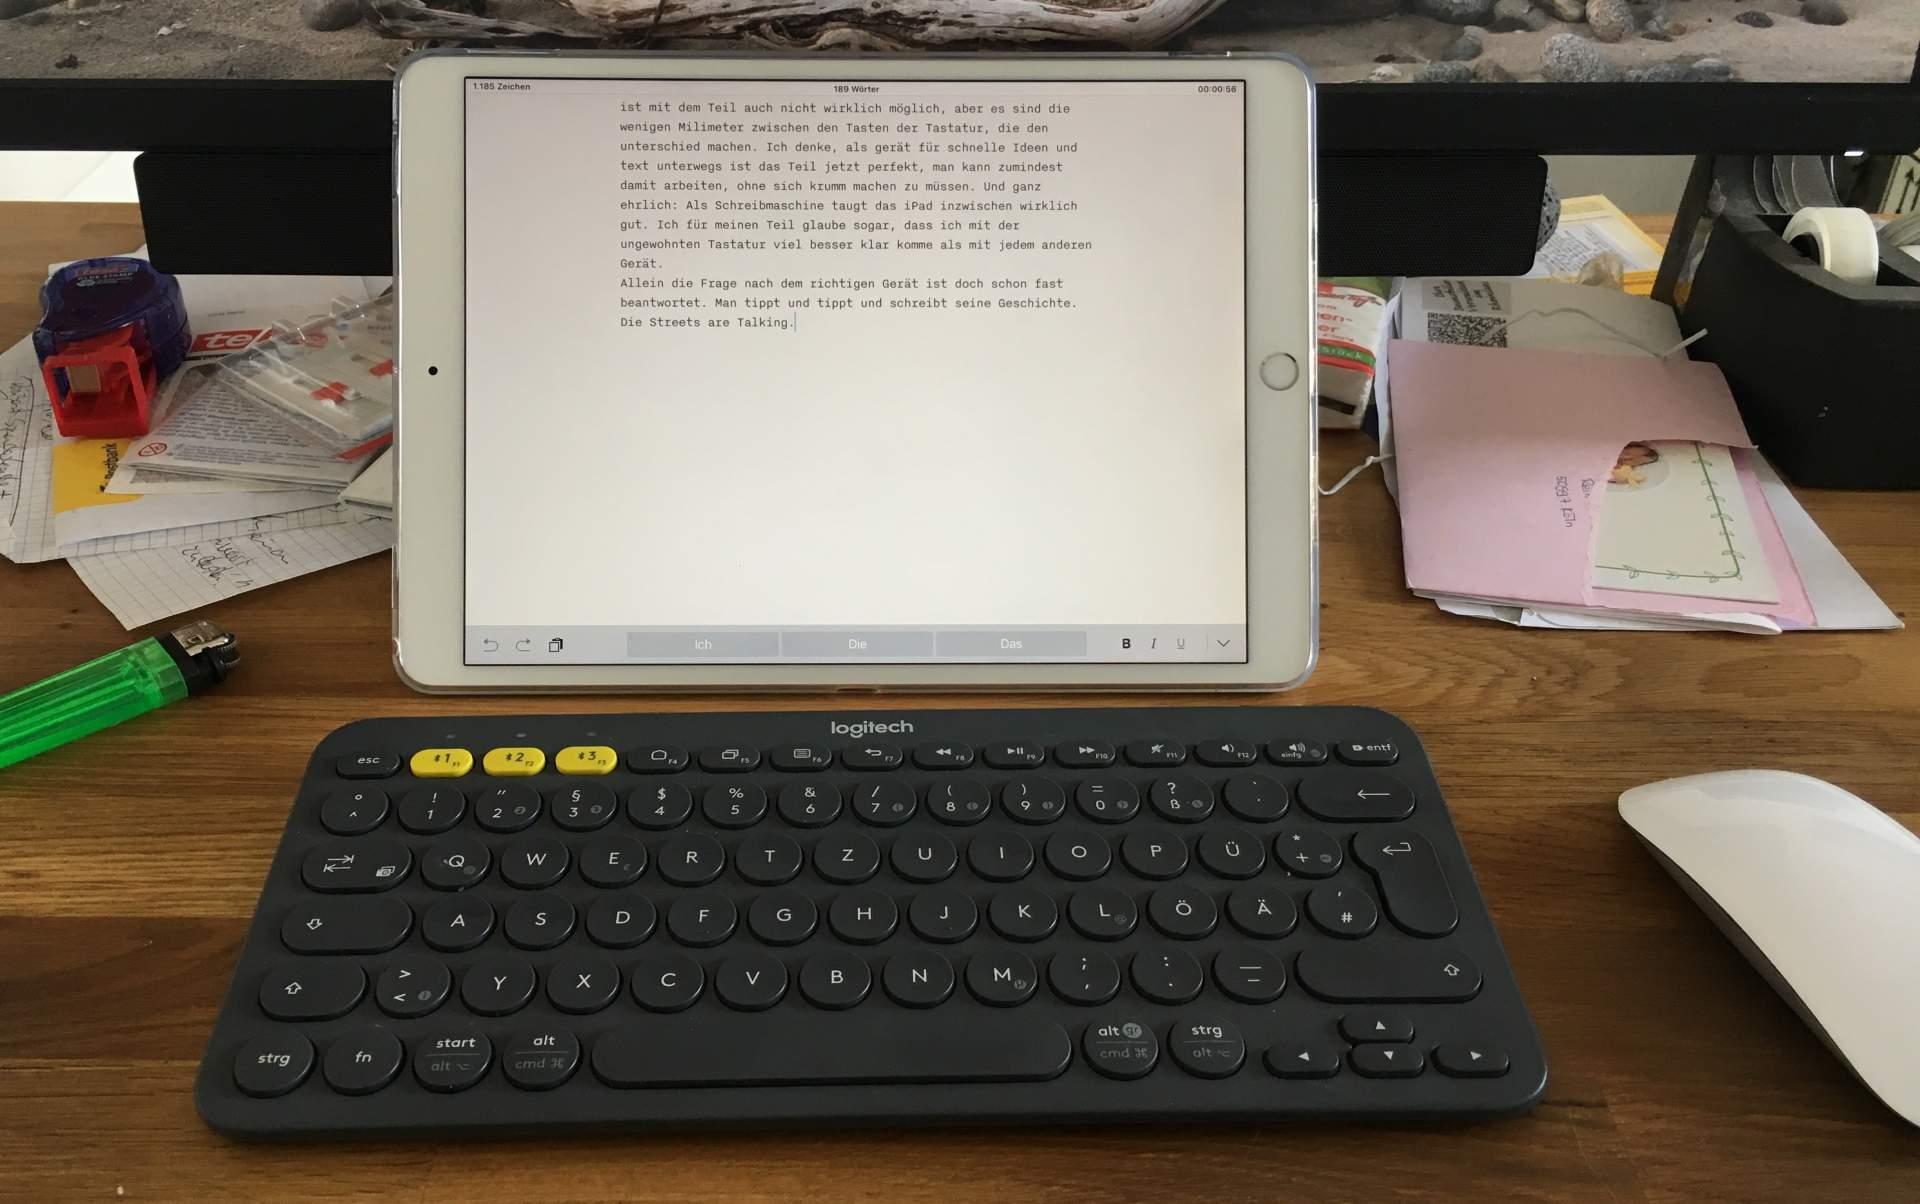 Das Keyboard-Case ist Mist. Das Logitech-Keyboard mit Geräte-Umschalter ist eine brauchbare Alternative.